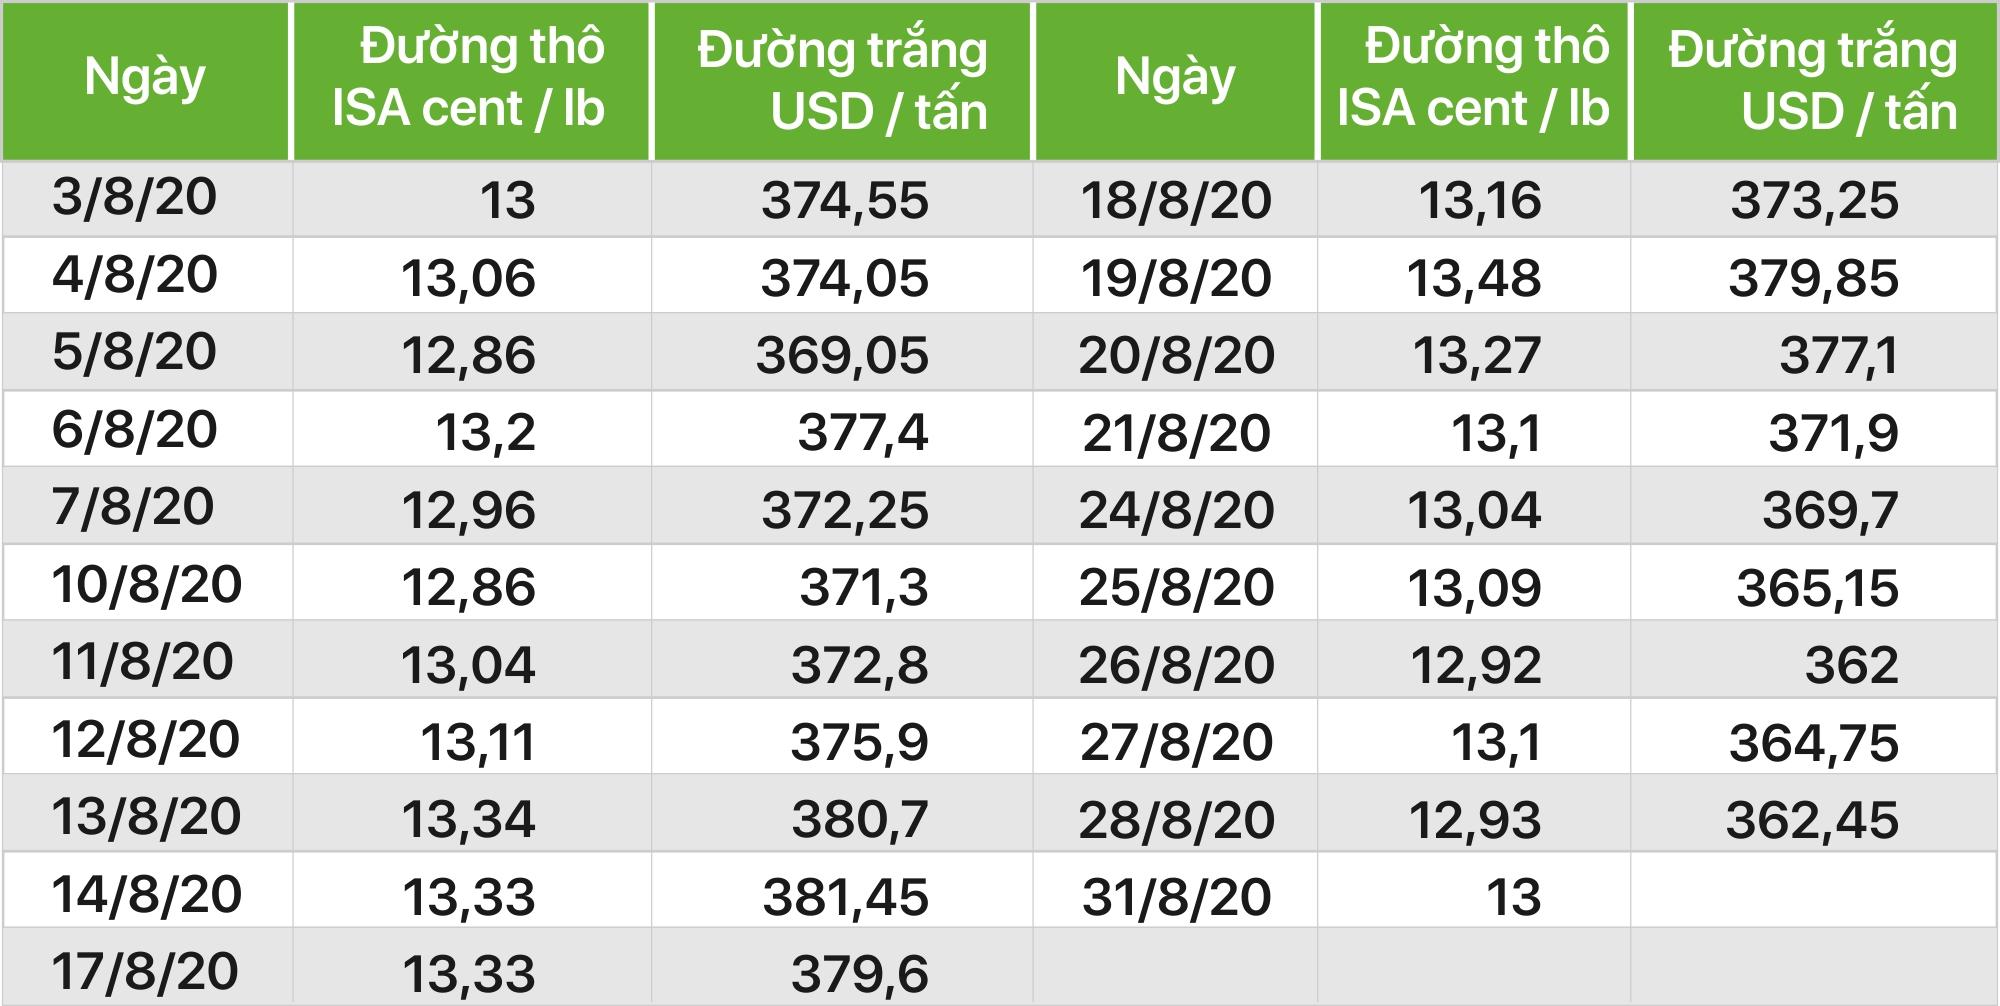 [Báo cáo] Thị trường đường tháng 8/2020: COVID-19 tiếp tục làm giảm nhu cầu khiến giá đường đi xuống - Ảnh 1.